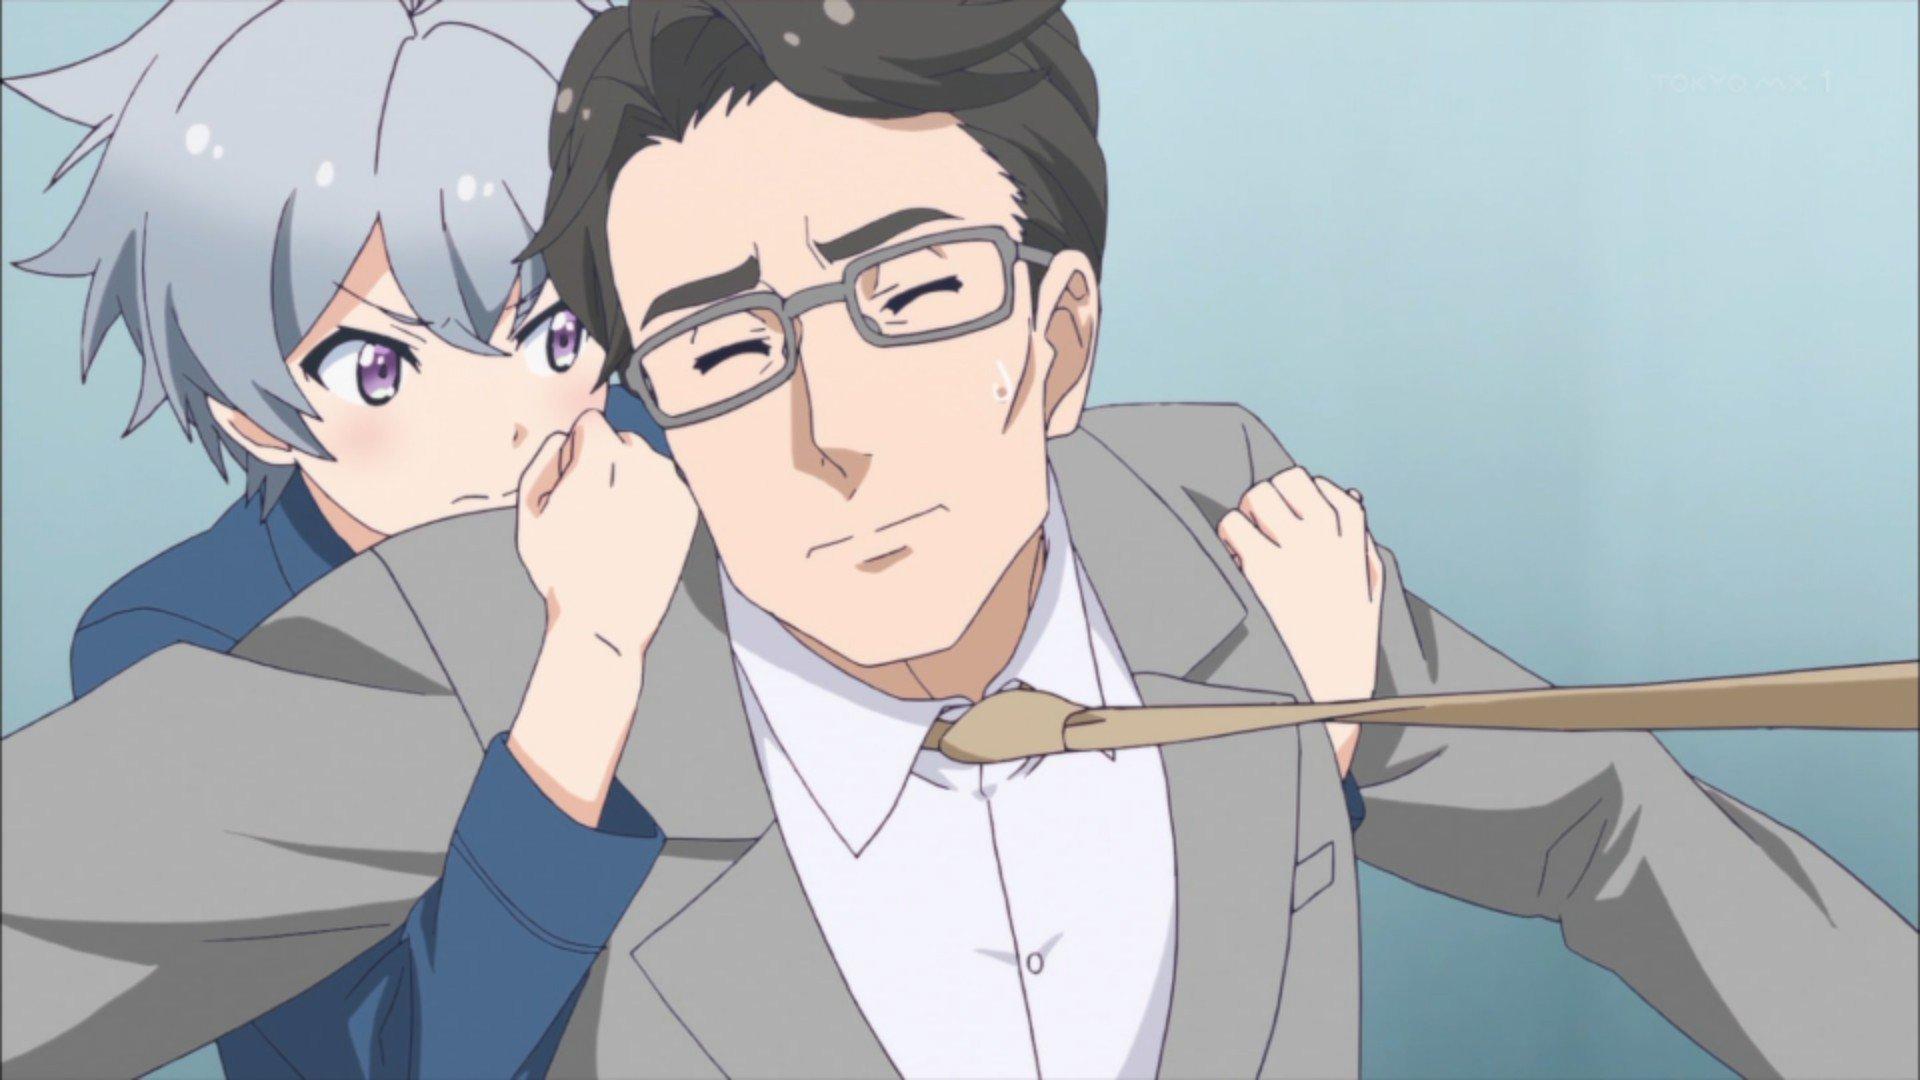 俺もまきまきにネクタイ引っ張られたい… #ソラウミアニメ #soraumi_anime https://t.co/9Xlp5u7cXq